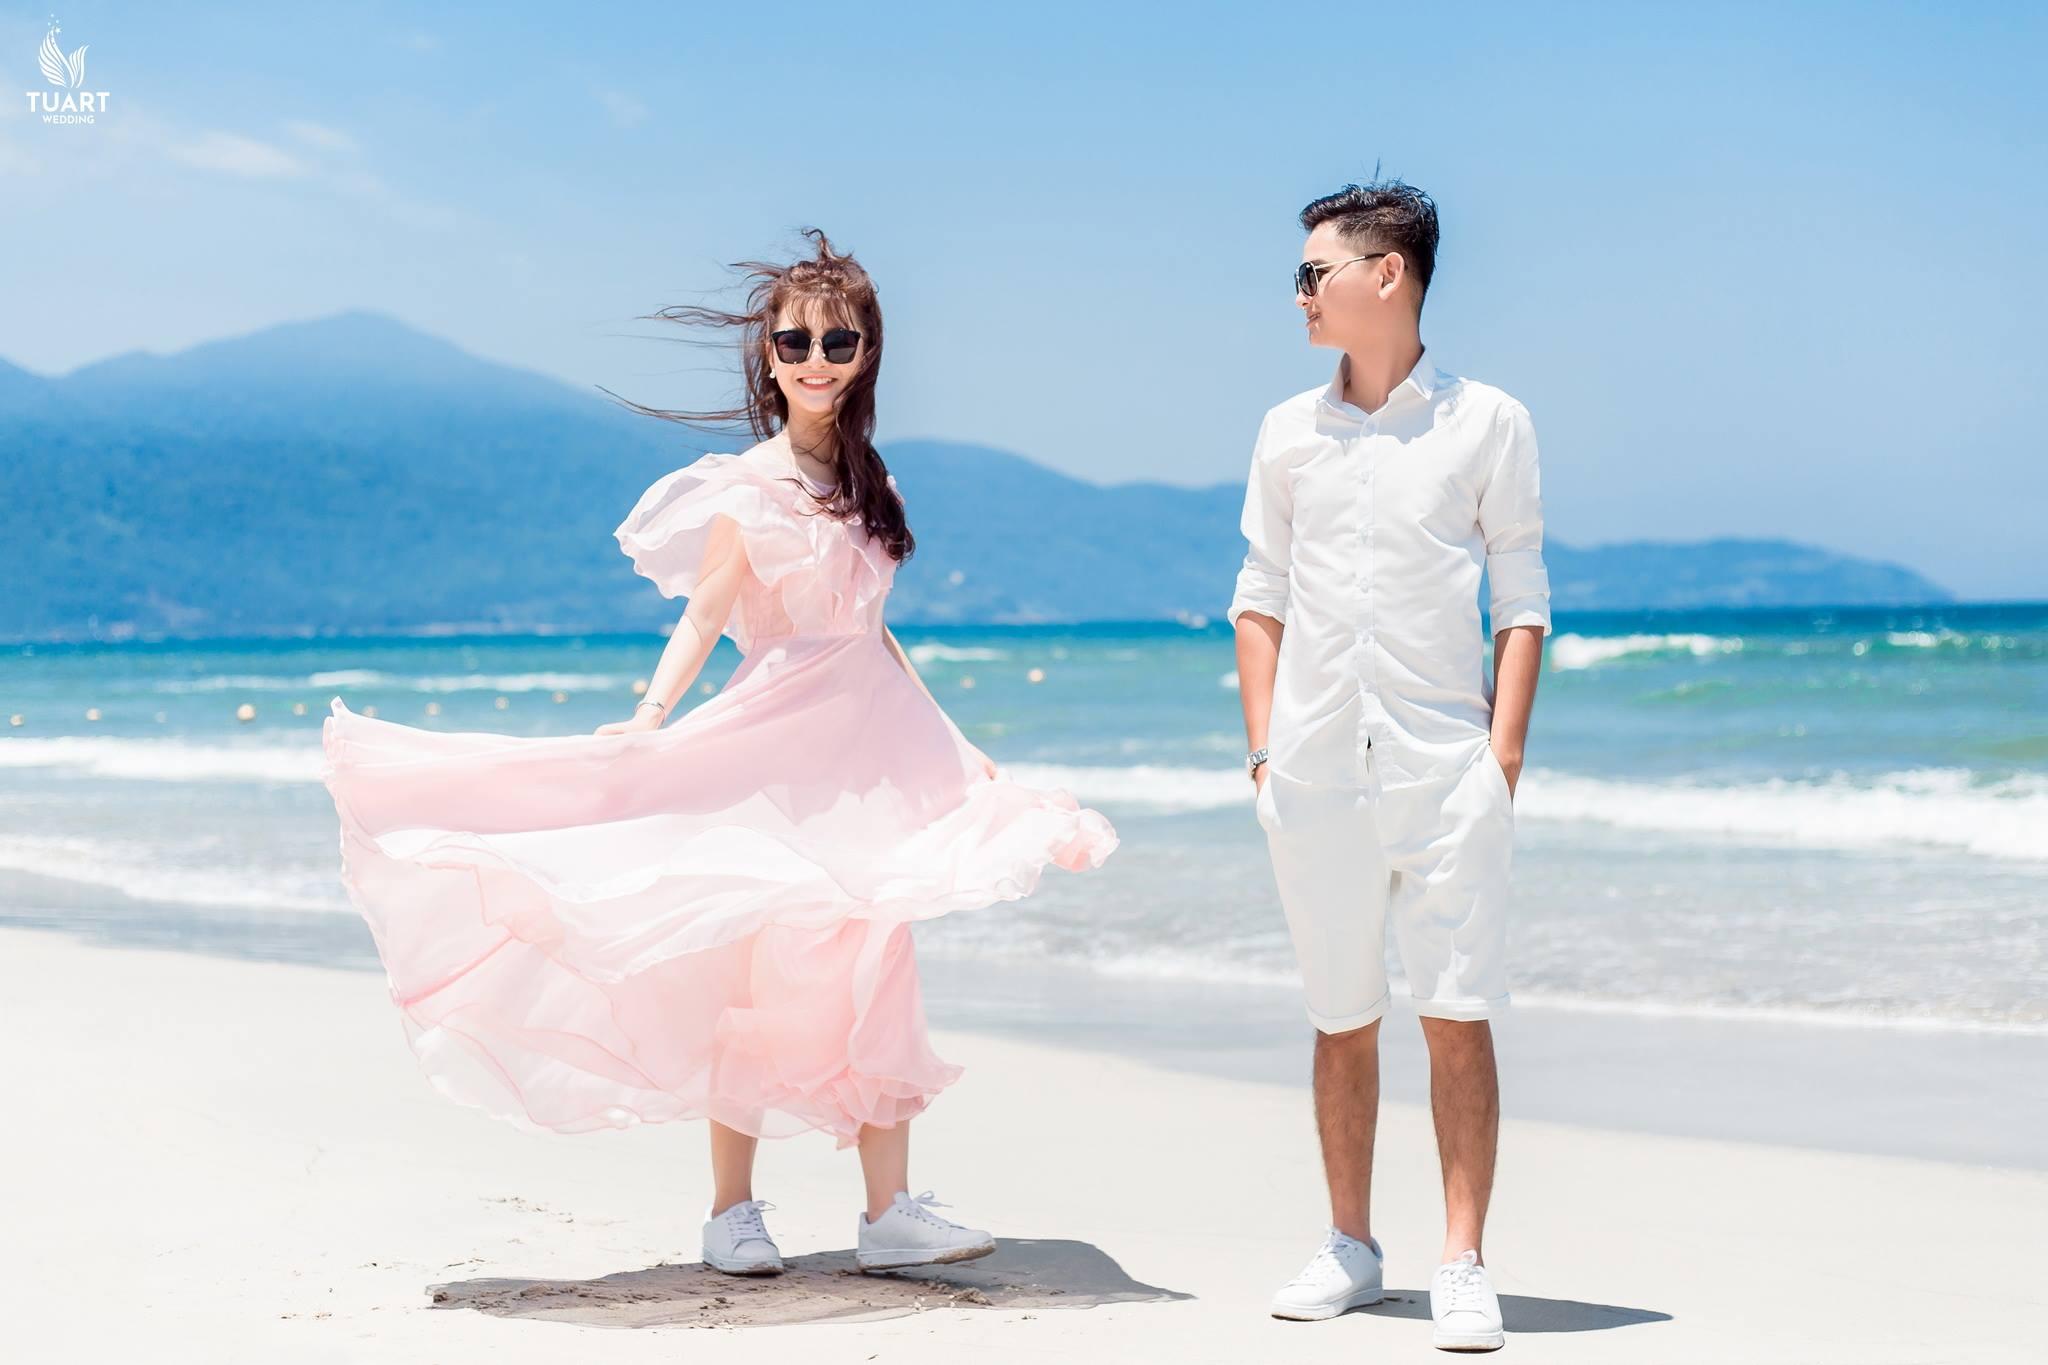 Album tại Đà Nẵng : Tuấn & Loan – Album chụp hình cưới đẹp